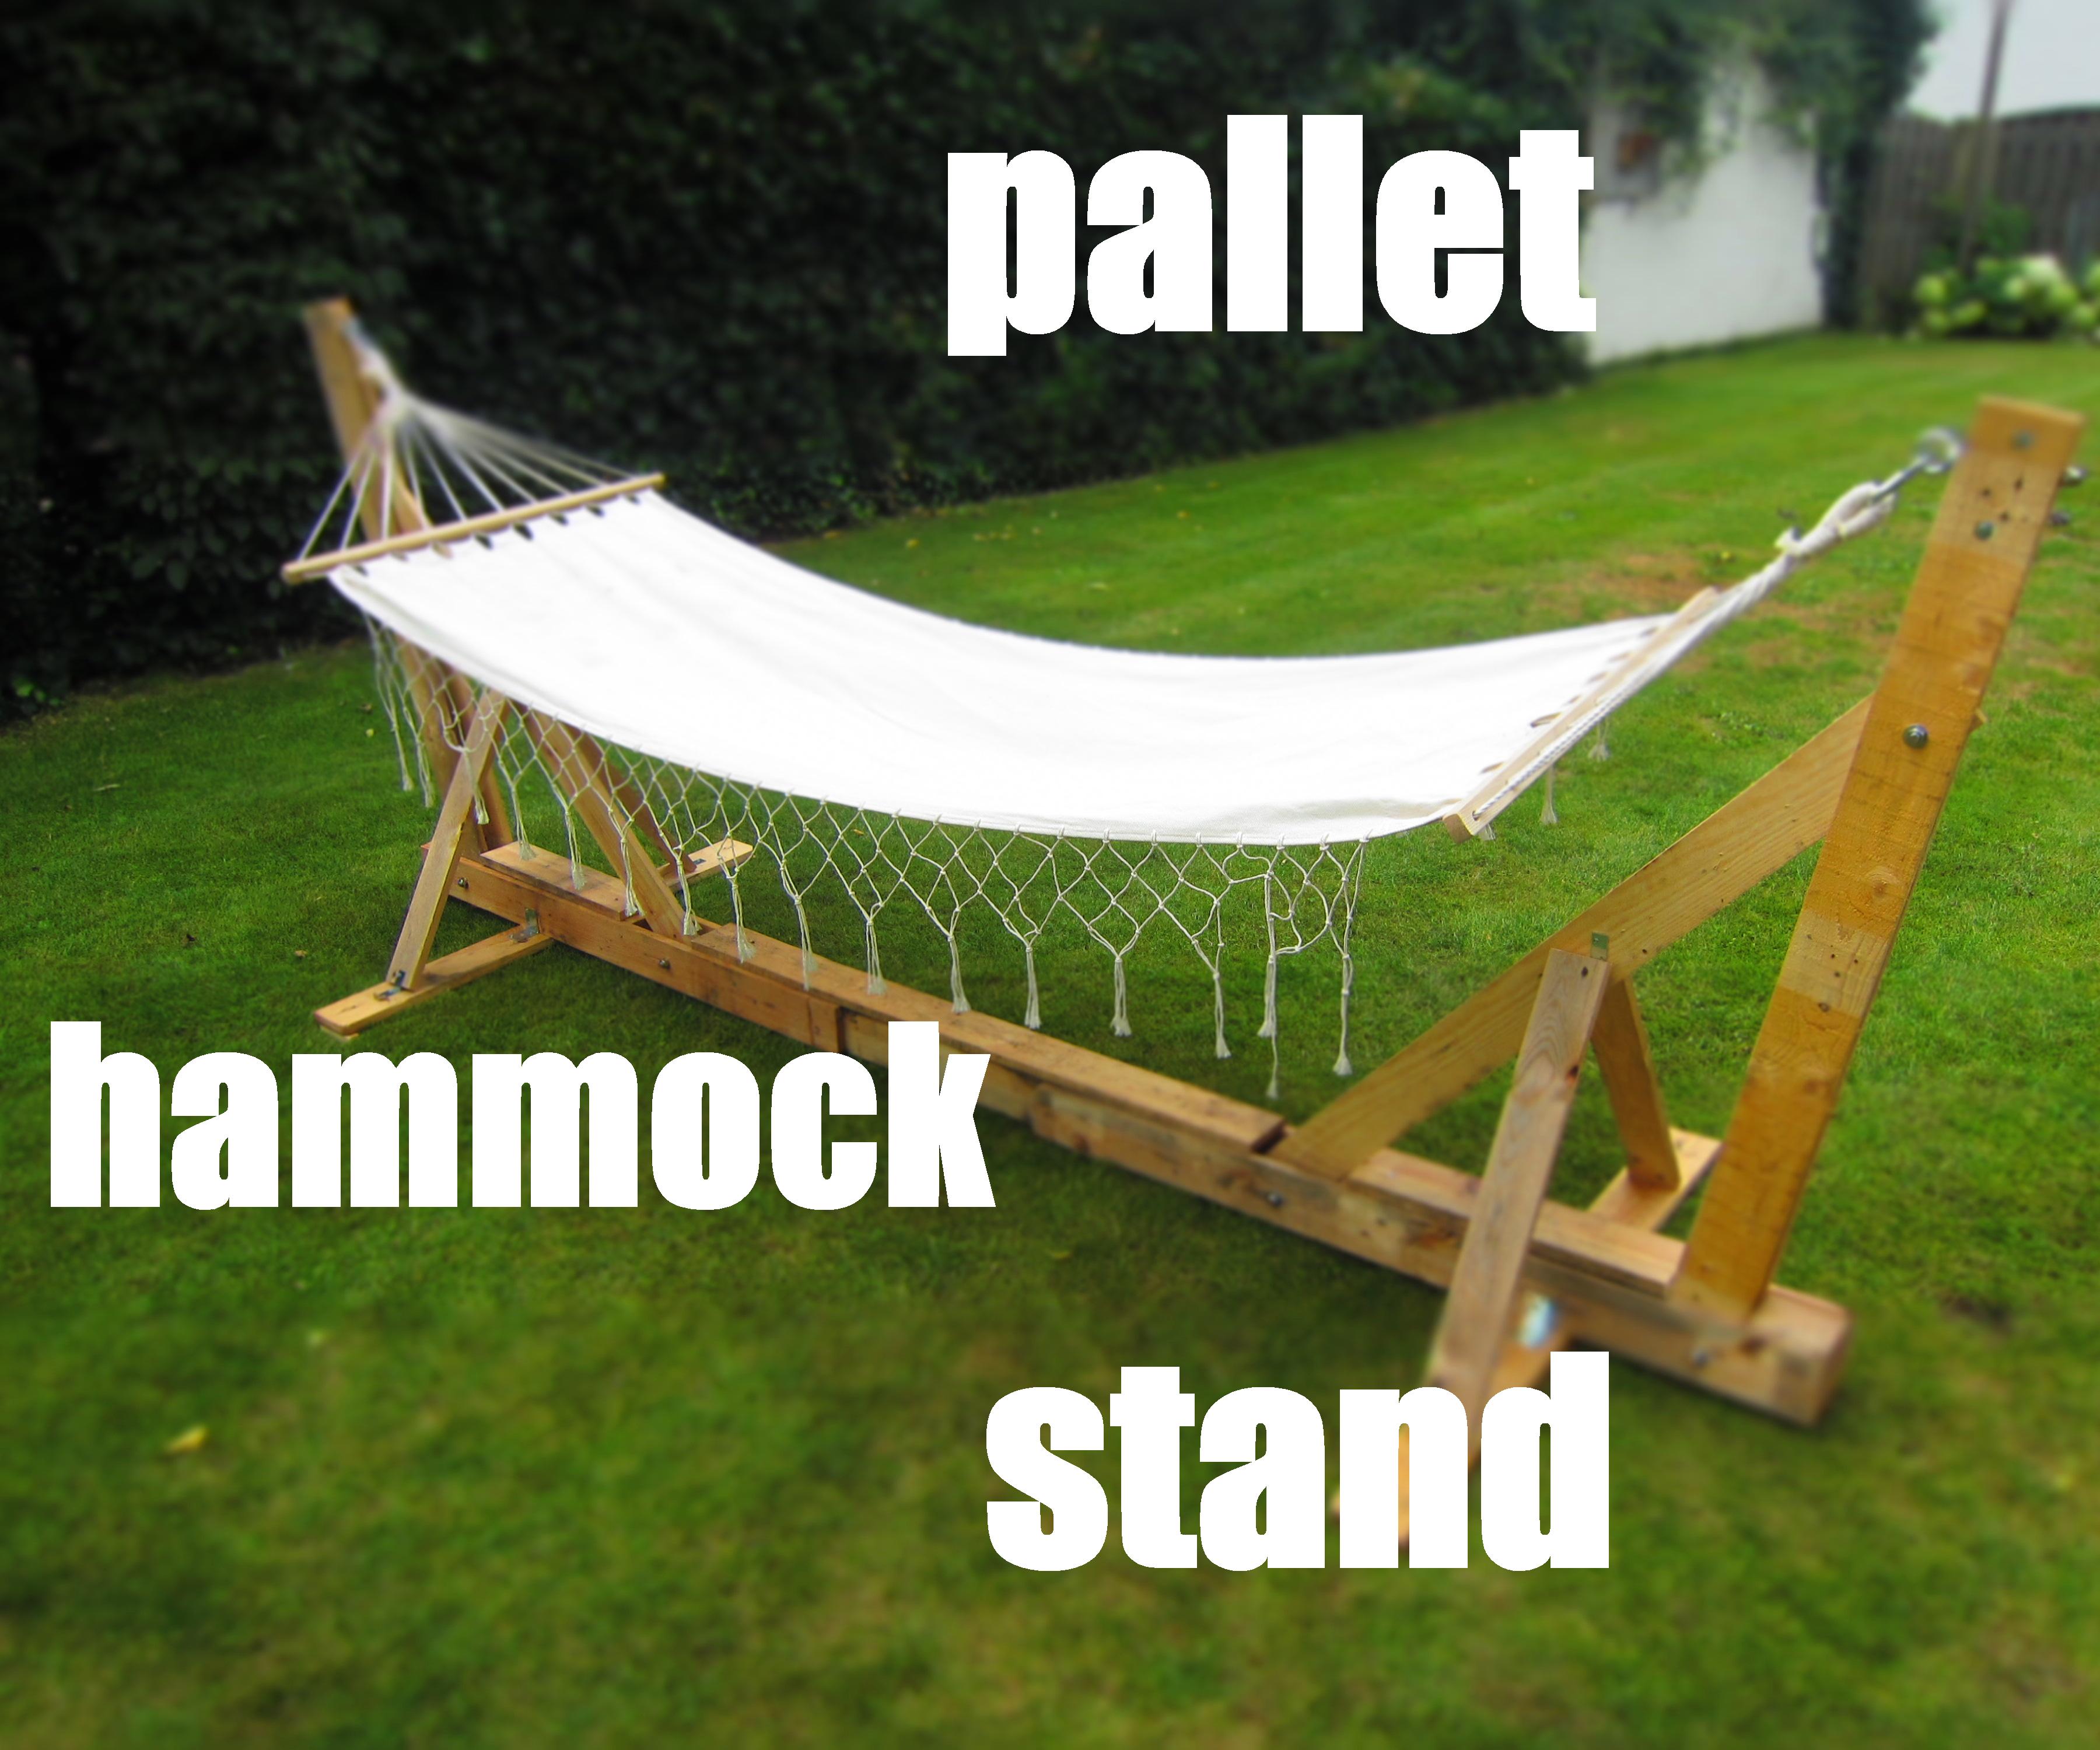 Pallet hammock stand